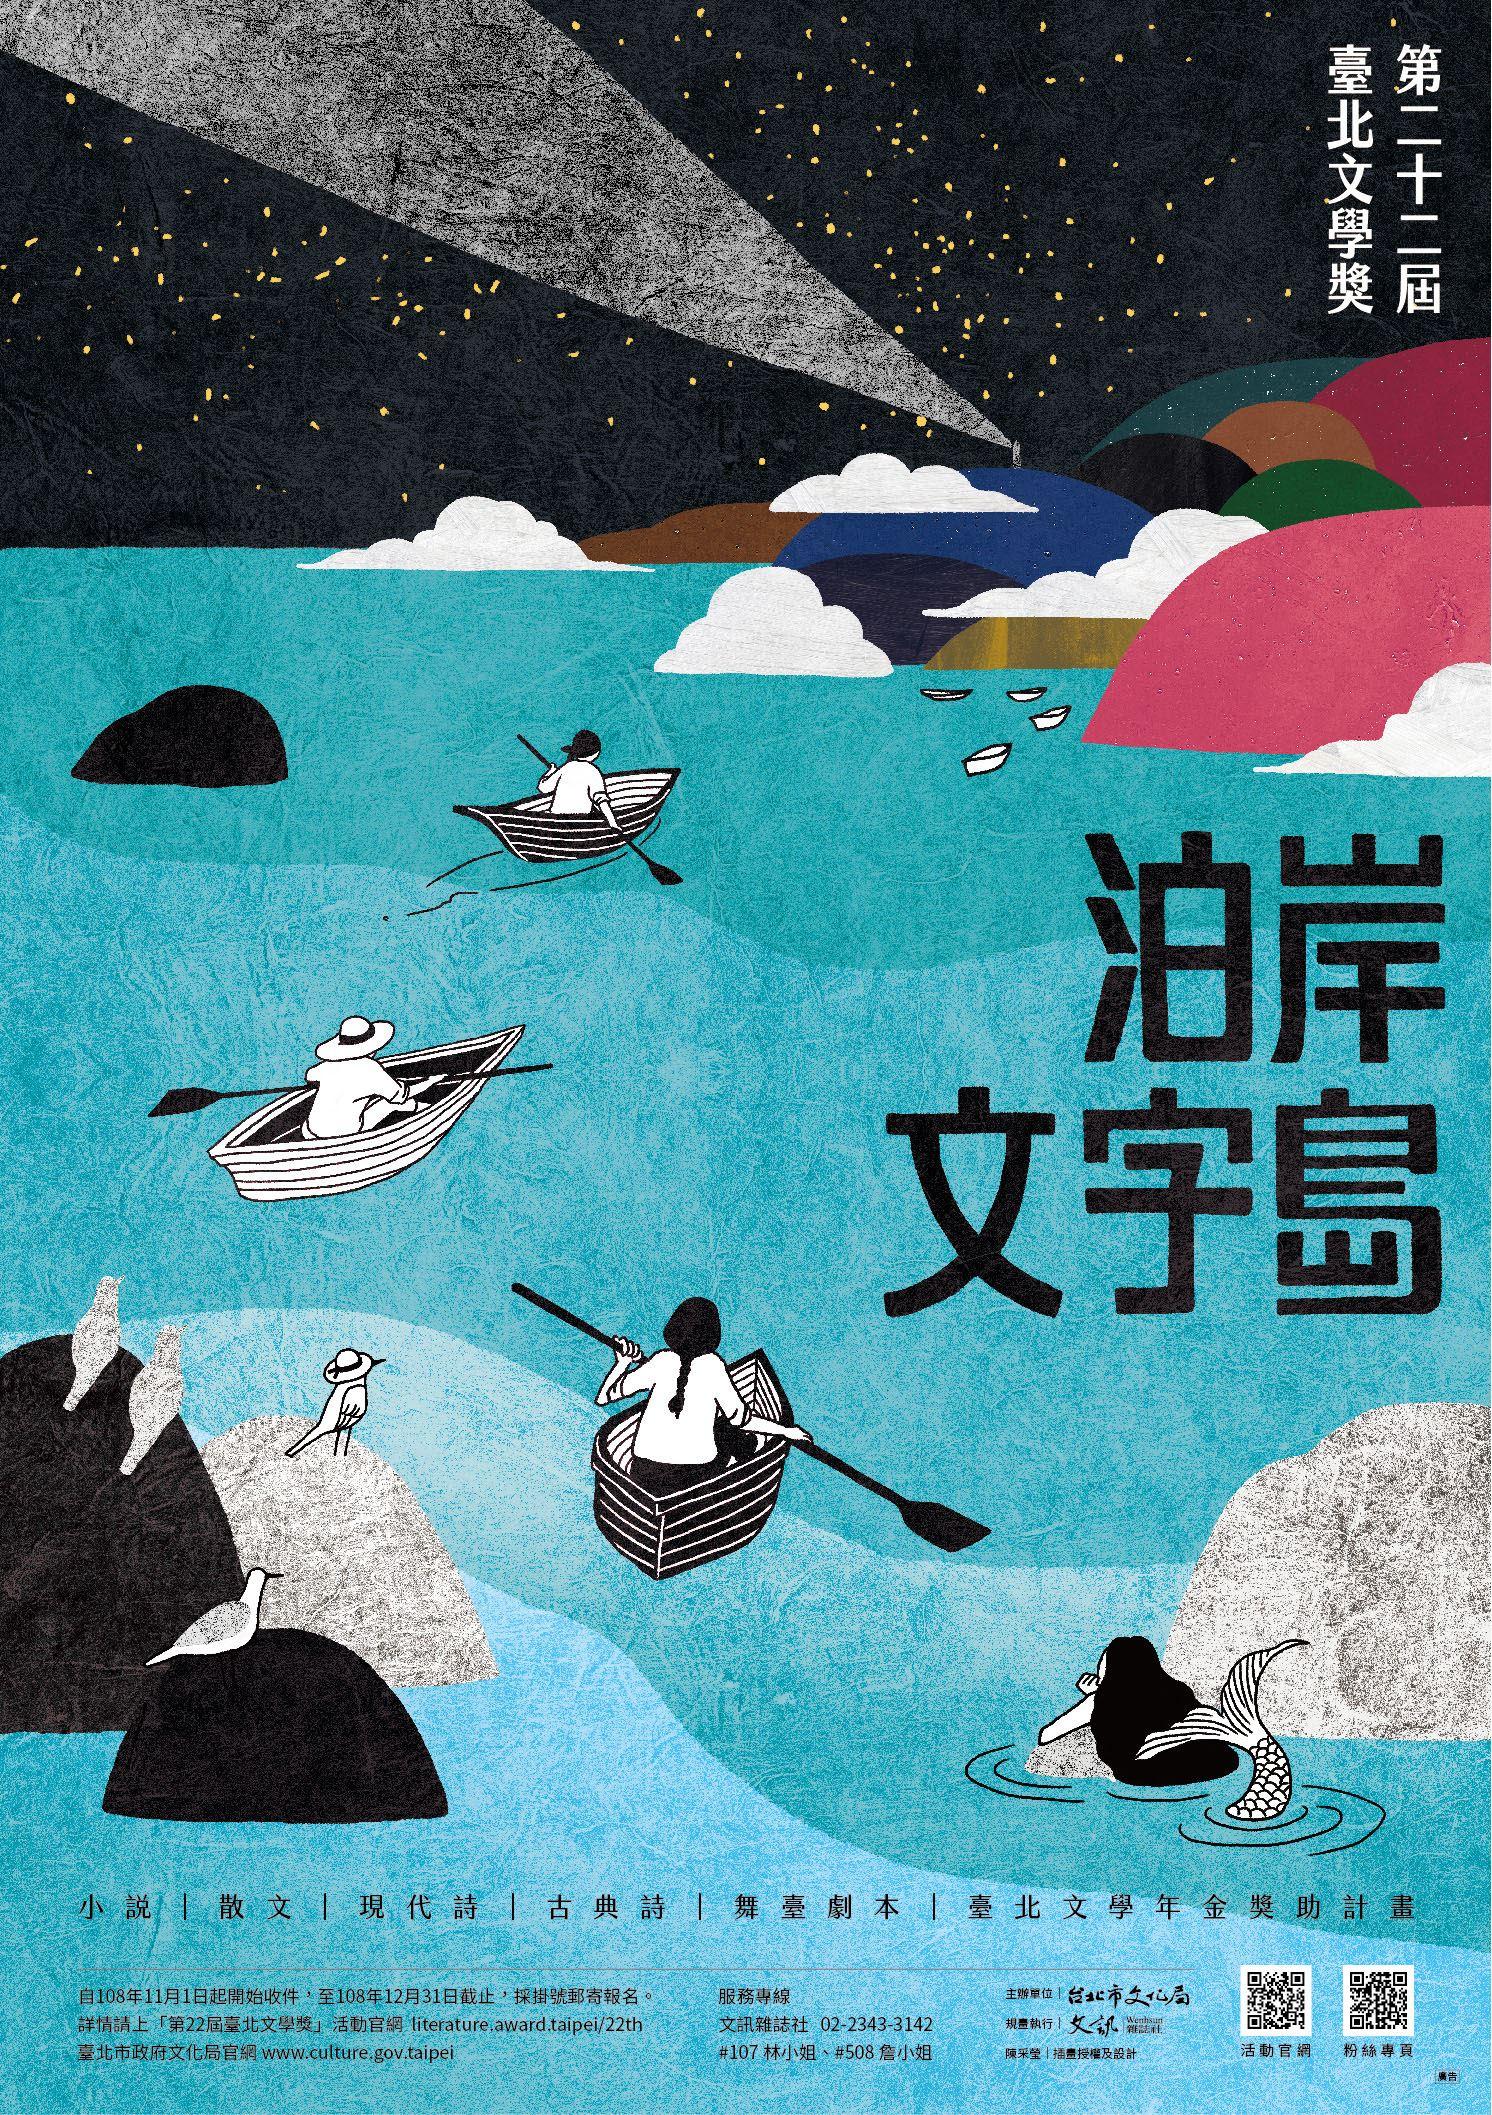 「第22屆臺北文學獎」徵文活動